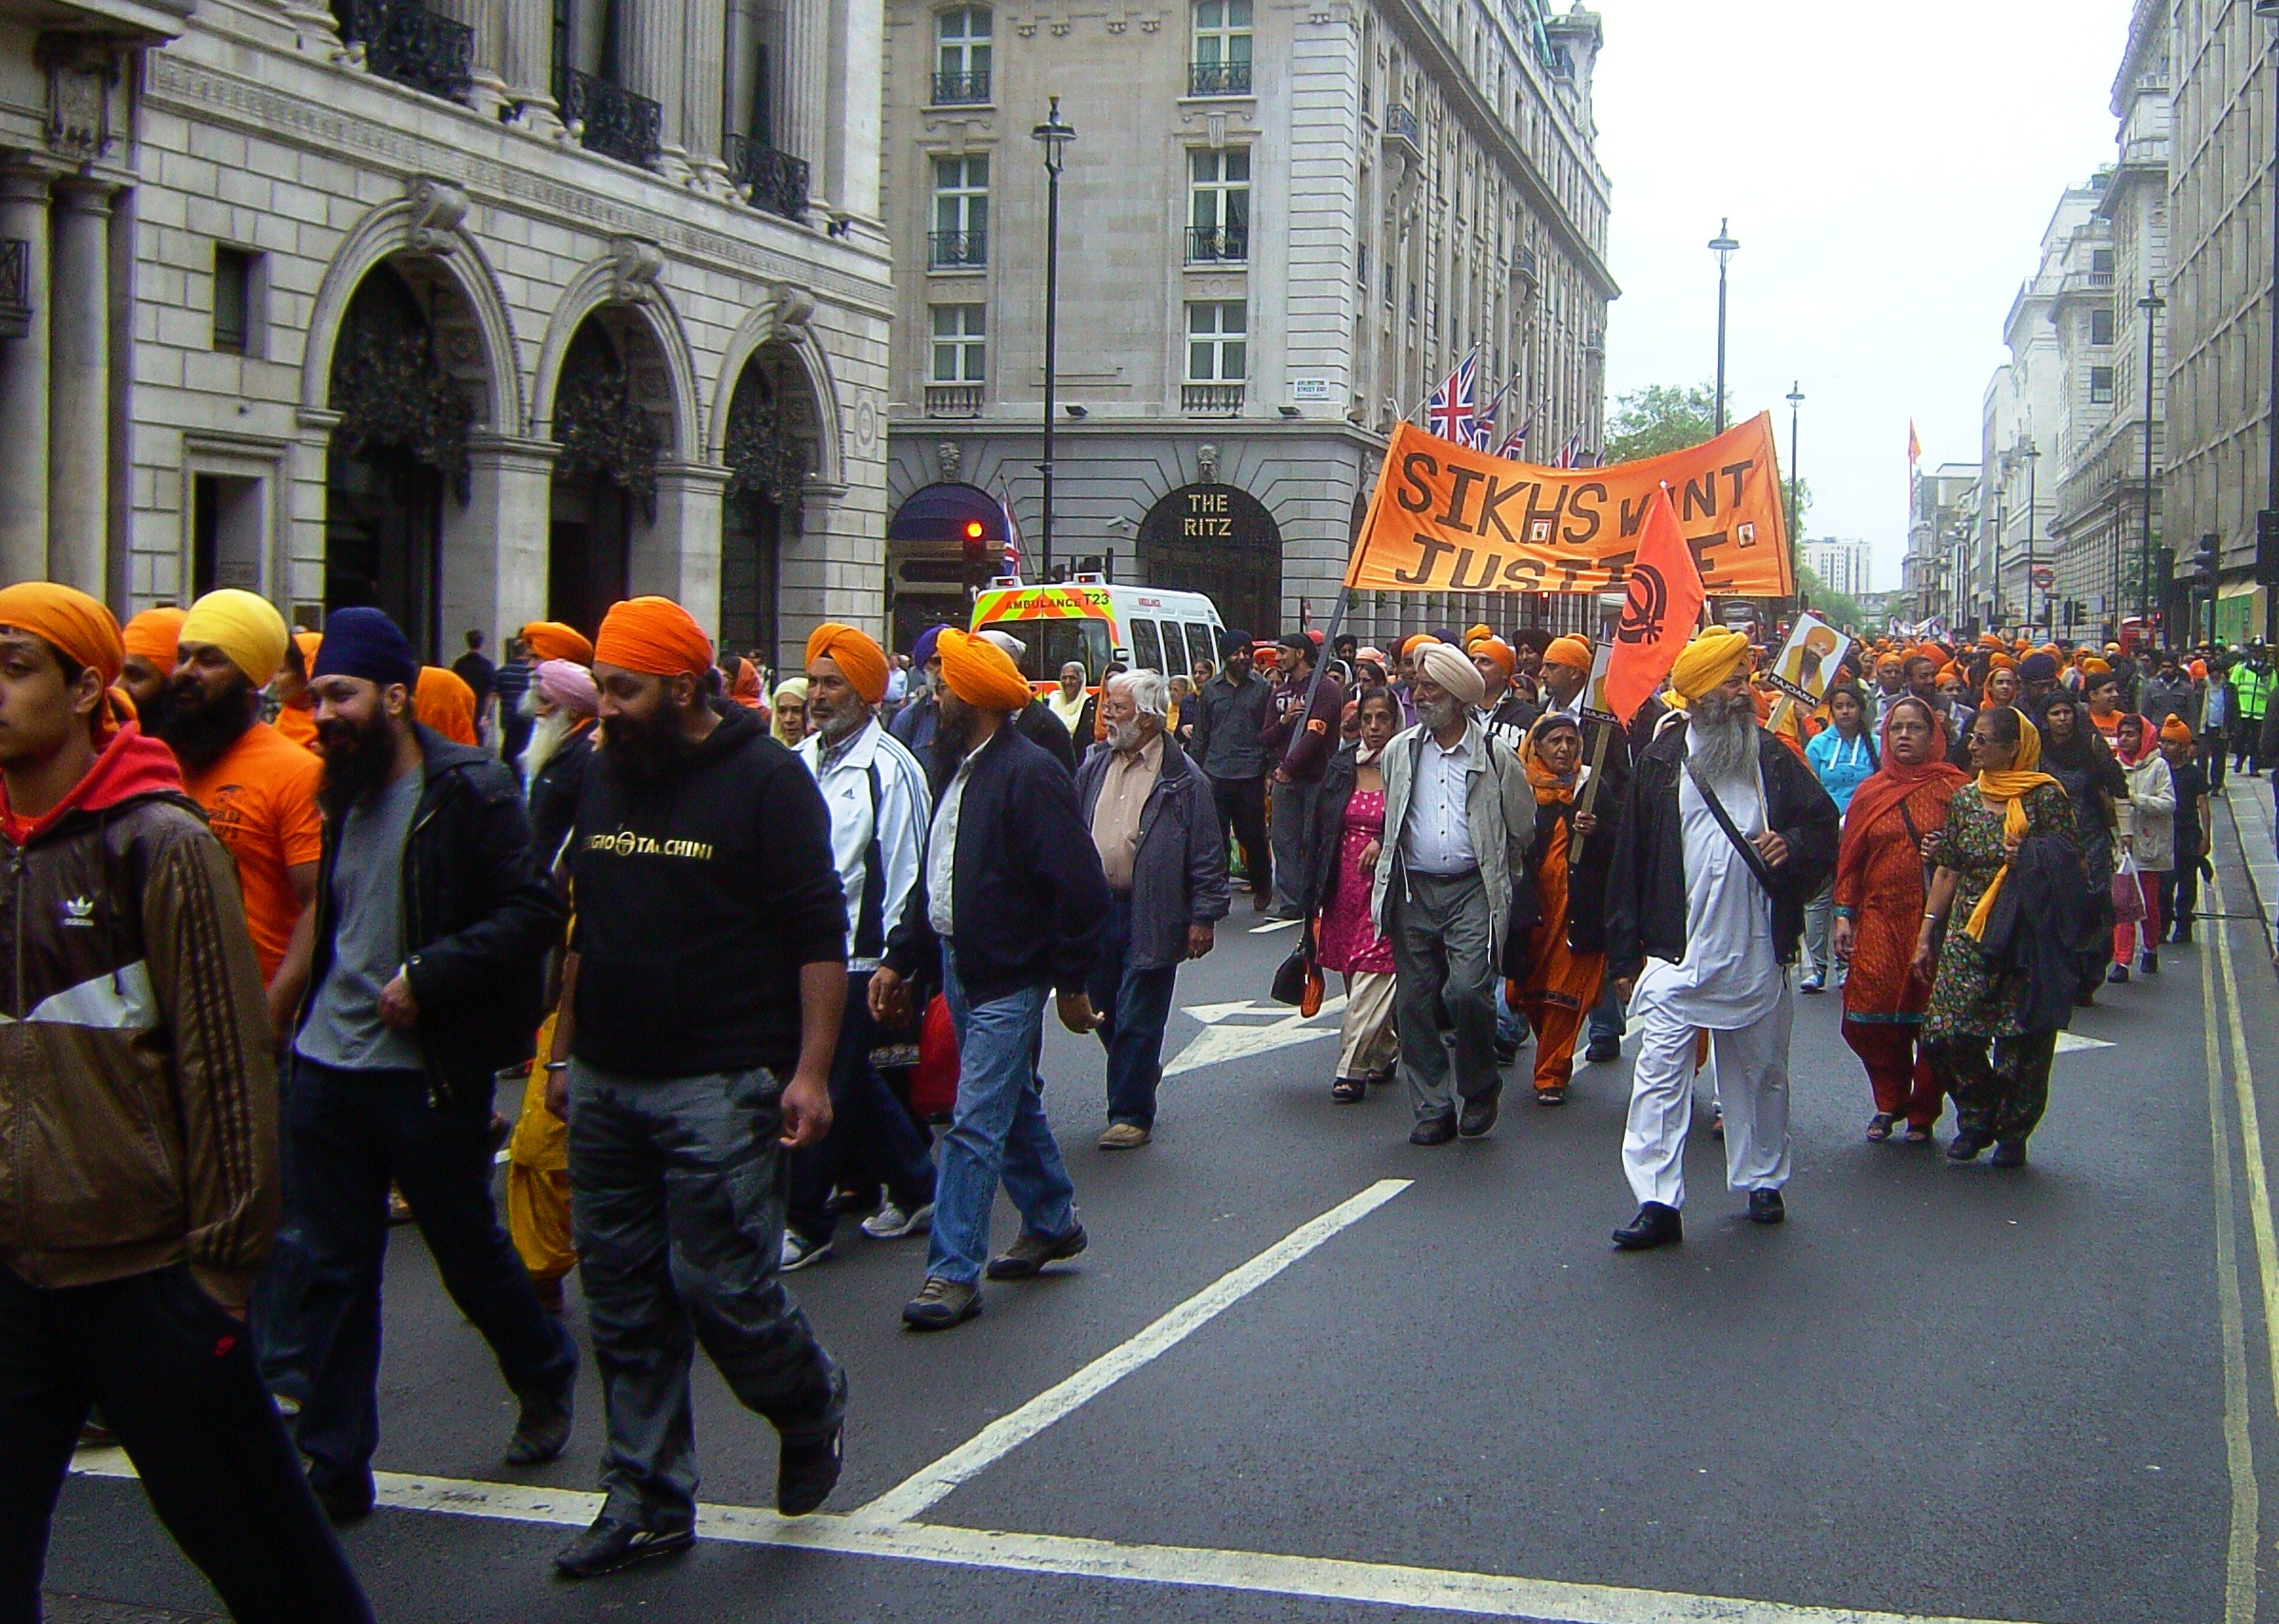 UK Sikh Protest 2.JPG